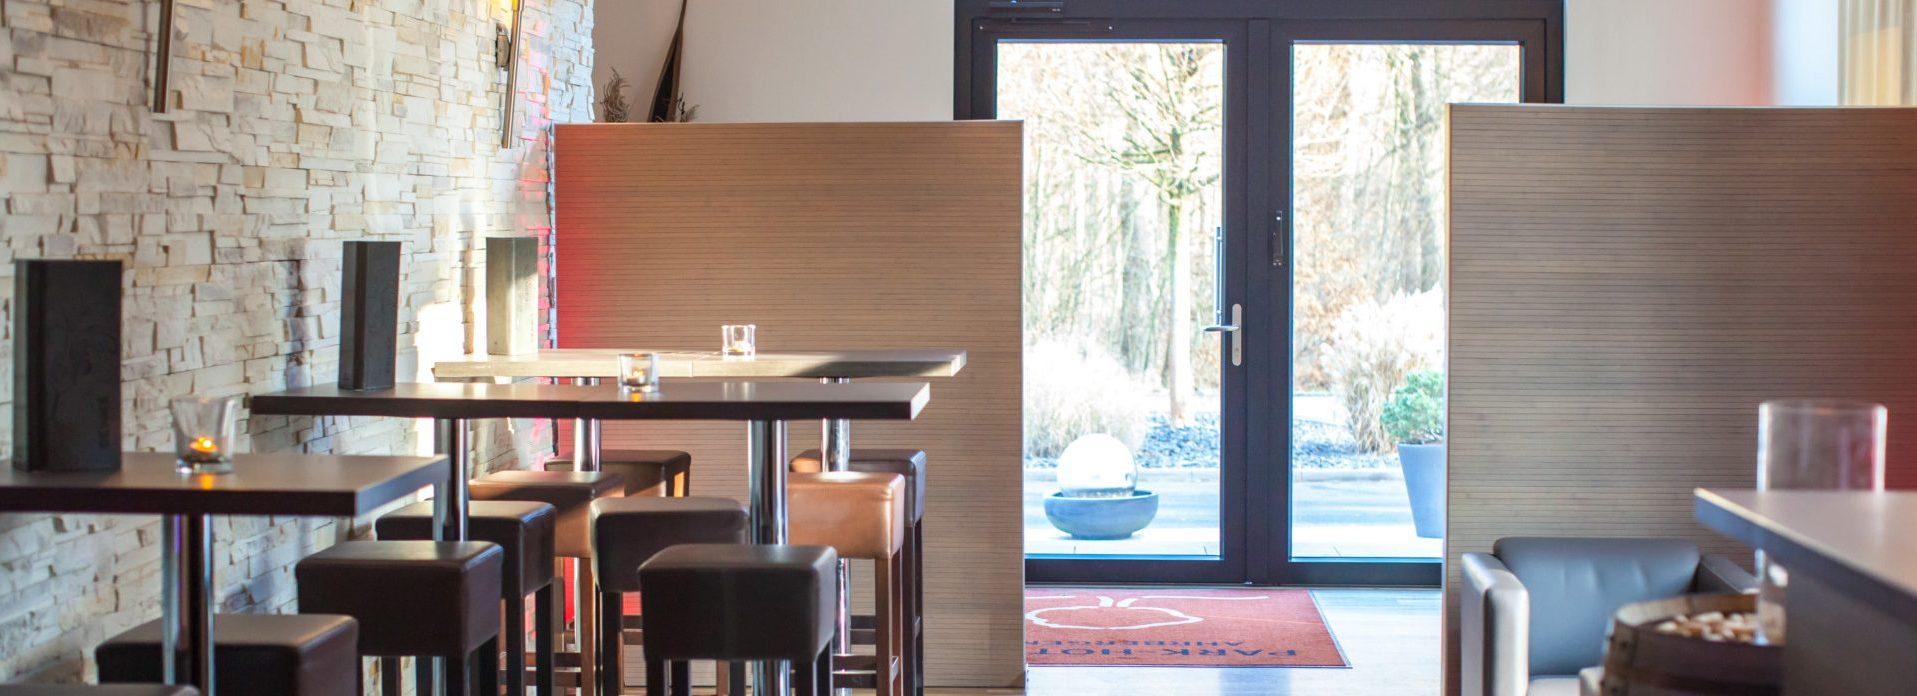 Unser gemütliches Café im Brasserie-Stil